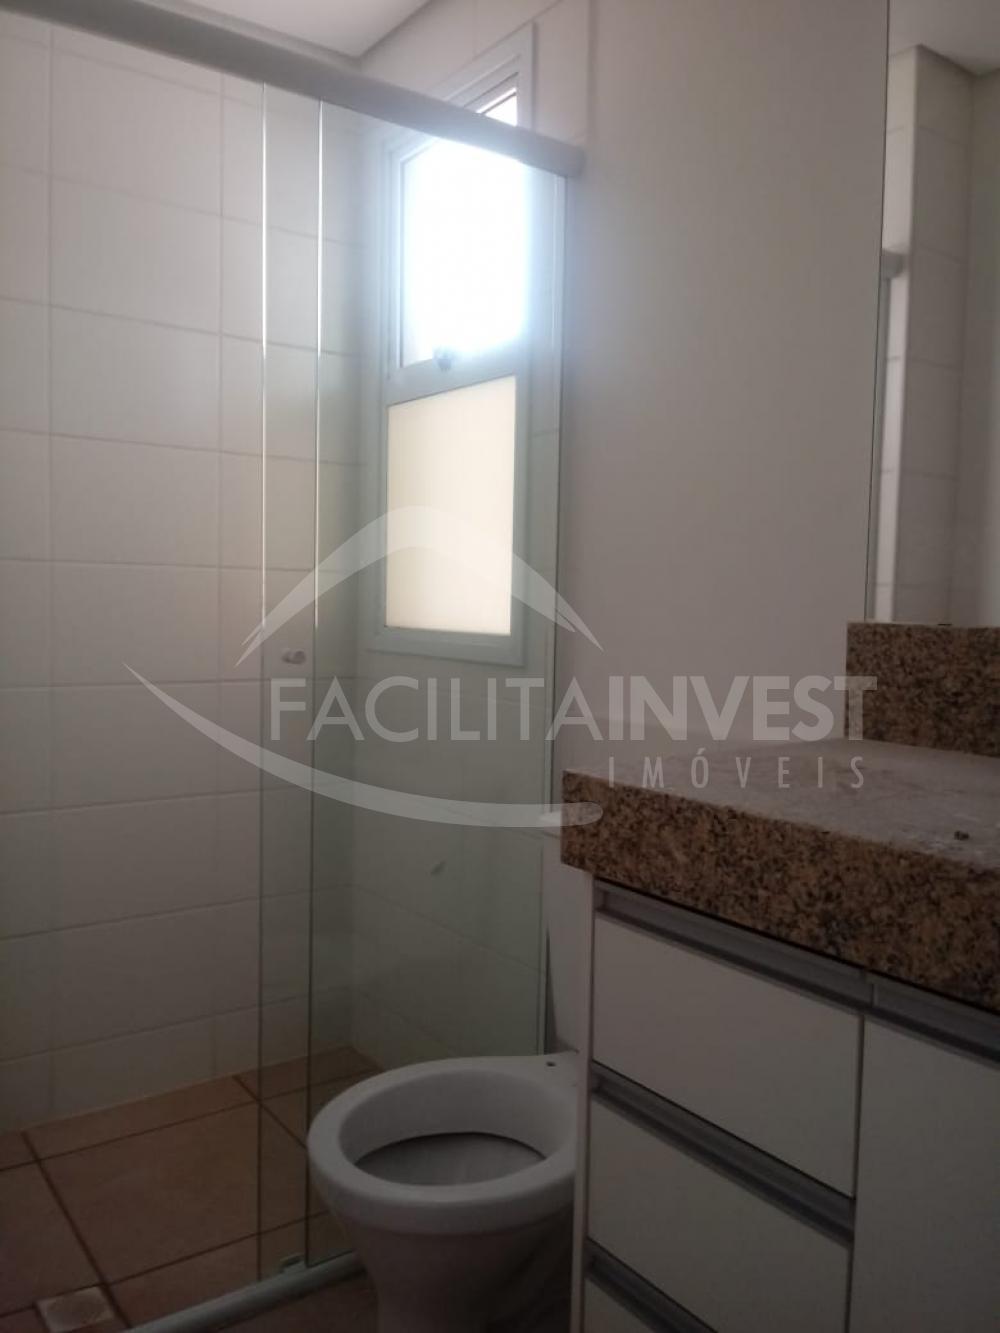 Alugar Apartamentos / Apart. Padrão em Ribeirão Preto apenas R$ 1.600,00 - Foto 13